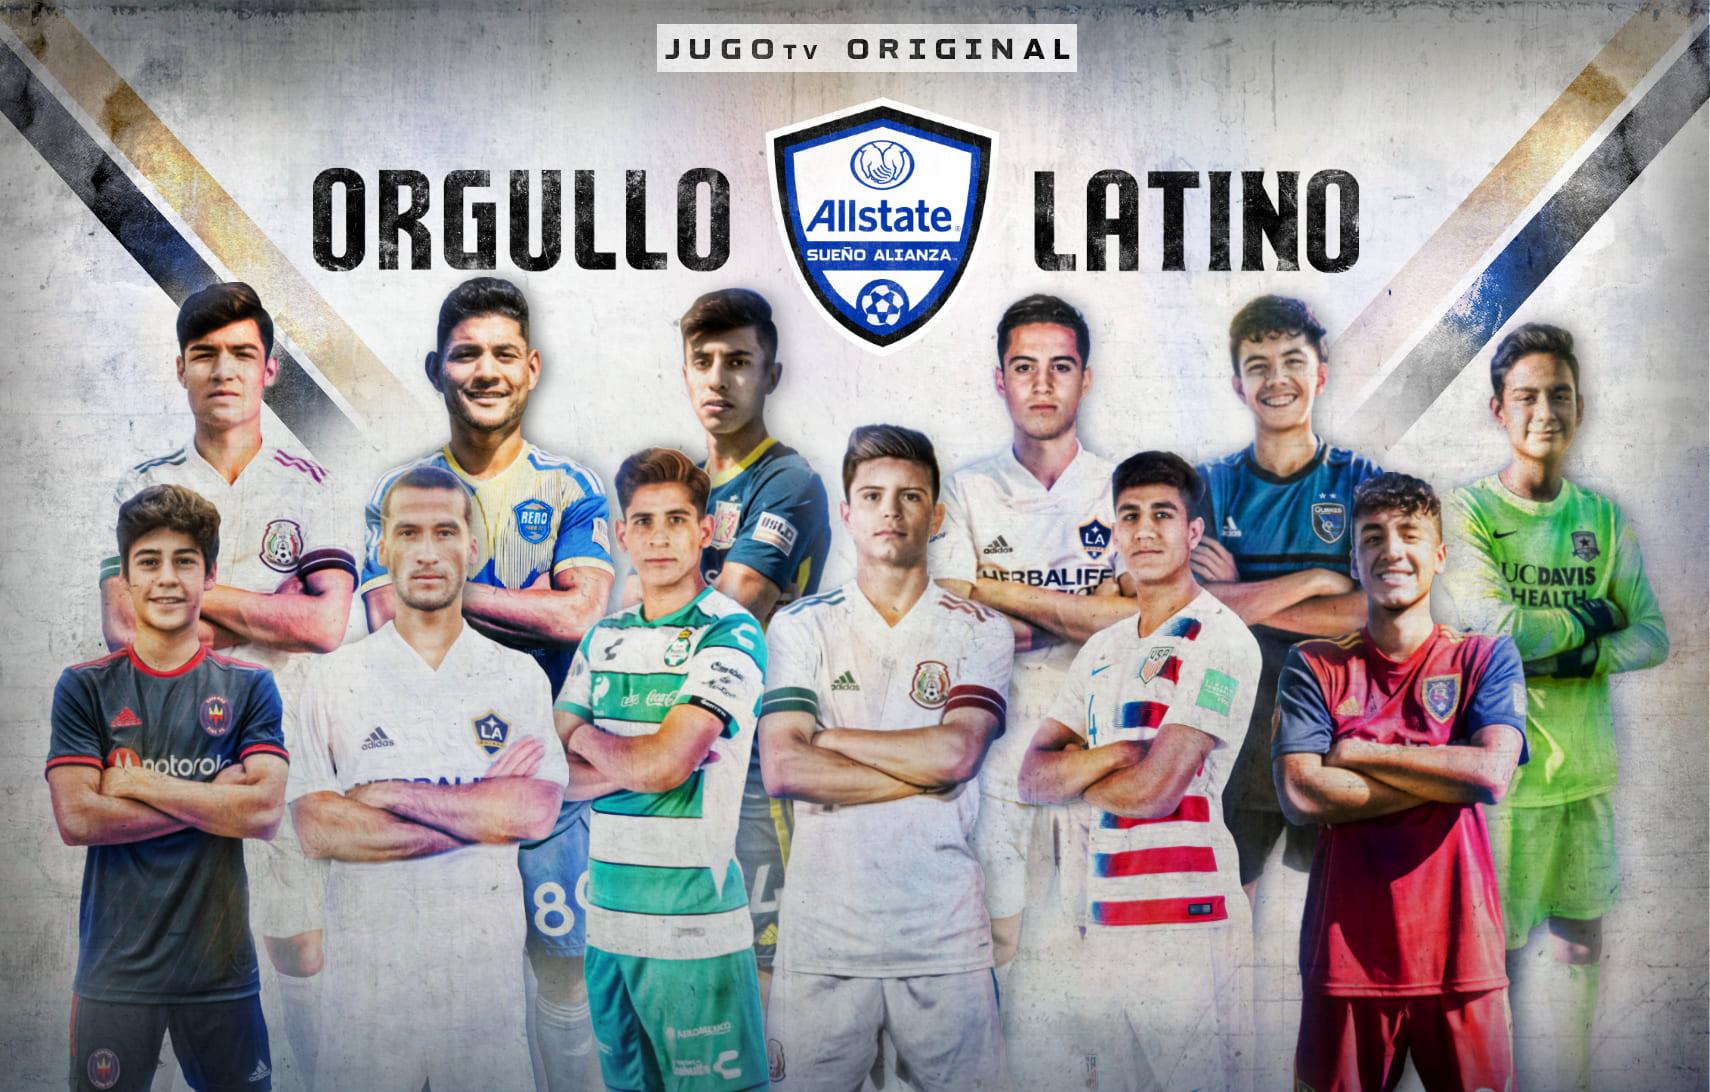 Orgullo Latino Allstate